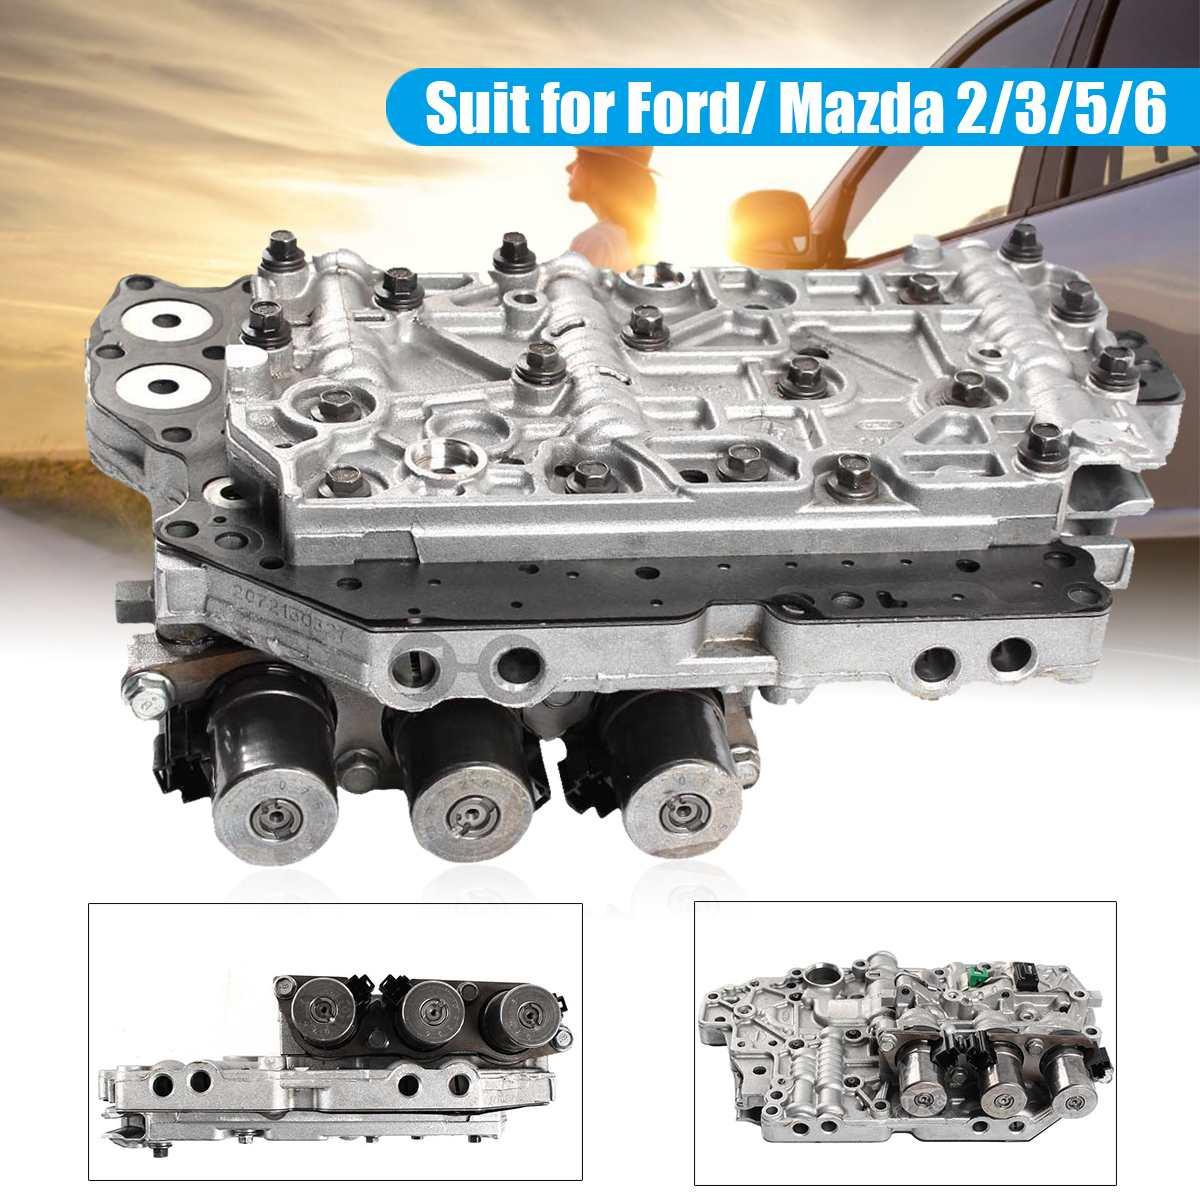 Corps automatique de Valve de Transmission 4F27E de 4 vitesses avec le solénoïde pour les pièces de Transmission automatiques durables de rechange en métal de Ford/Mazda